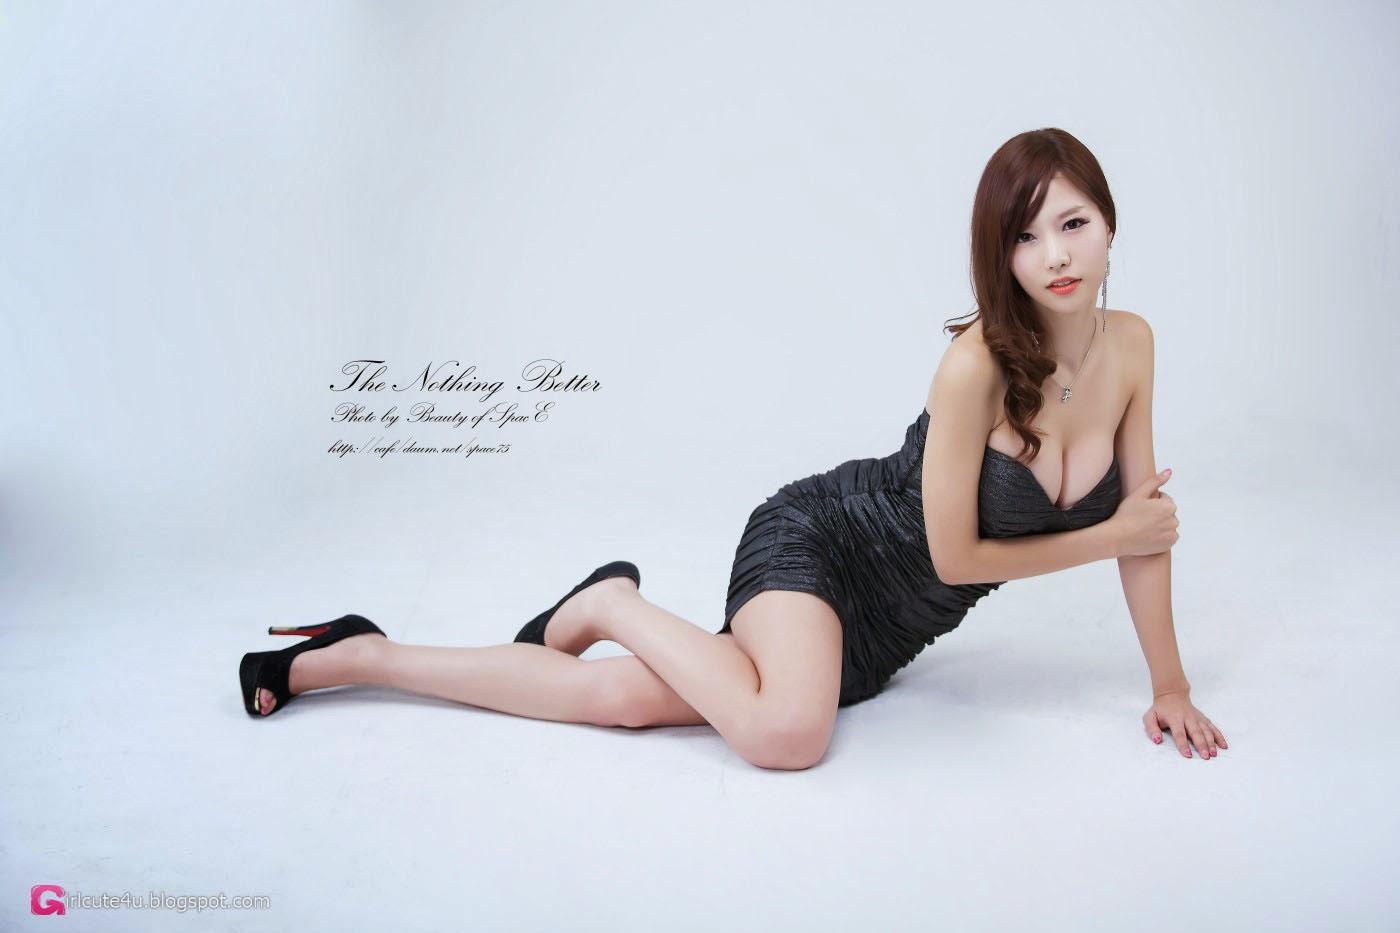 4 Han Min Young - Nothing Better - very cute asian girl-girlcute4u.blogspot.com